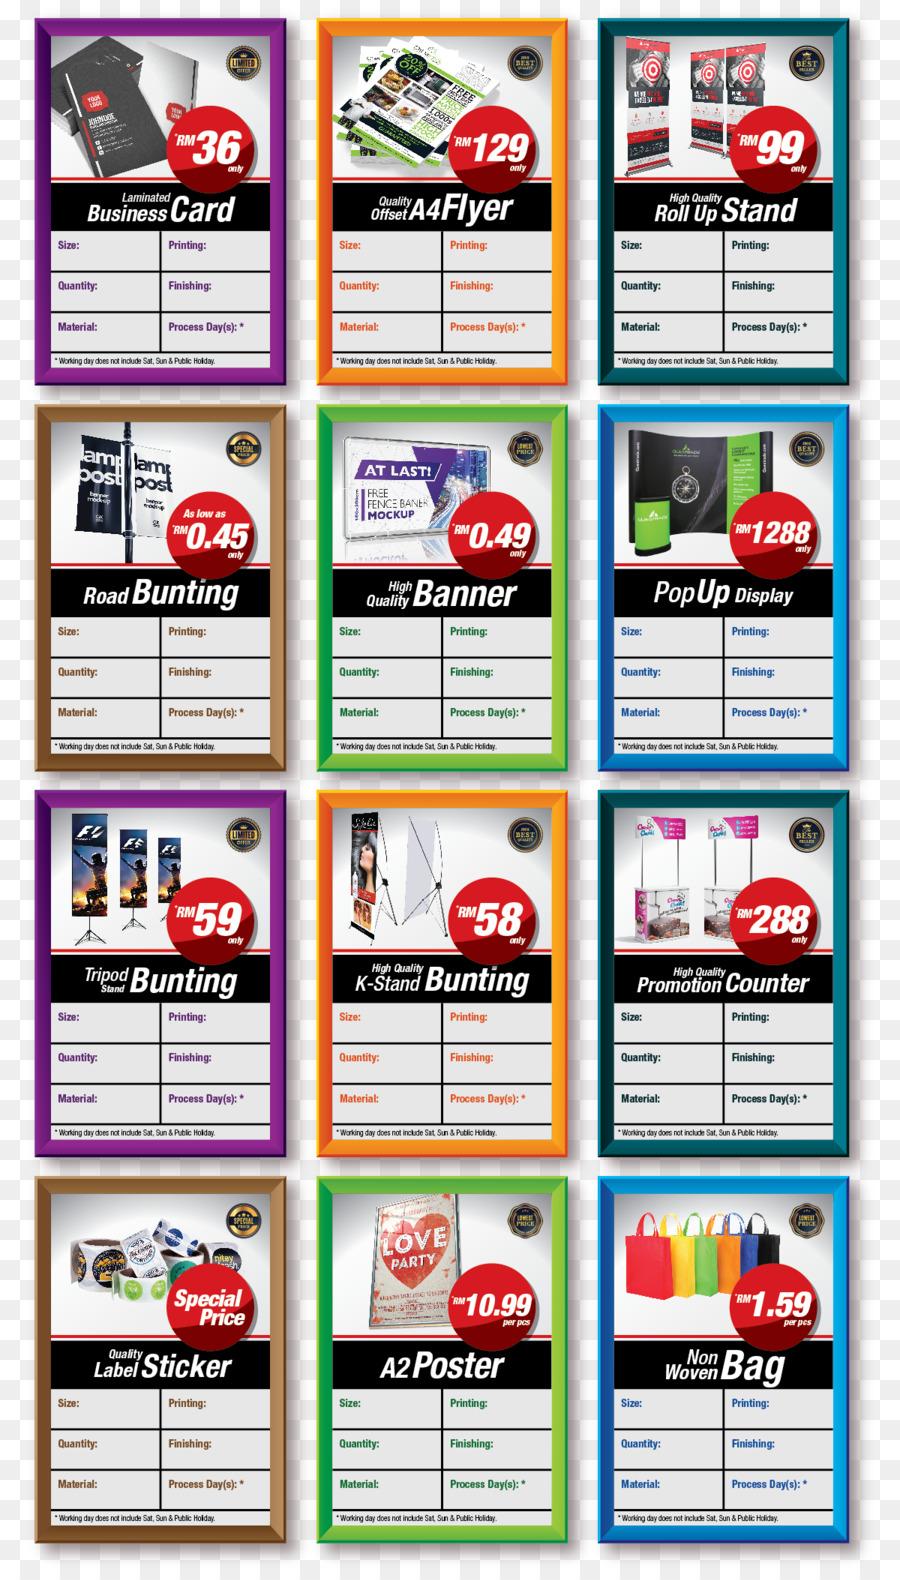 Papel Hot Print Design Publicidade Sdn Bhd Convite De Casamento De